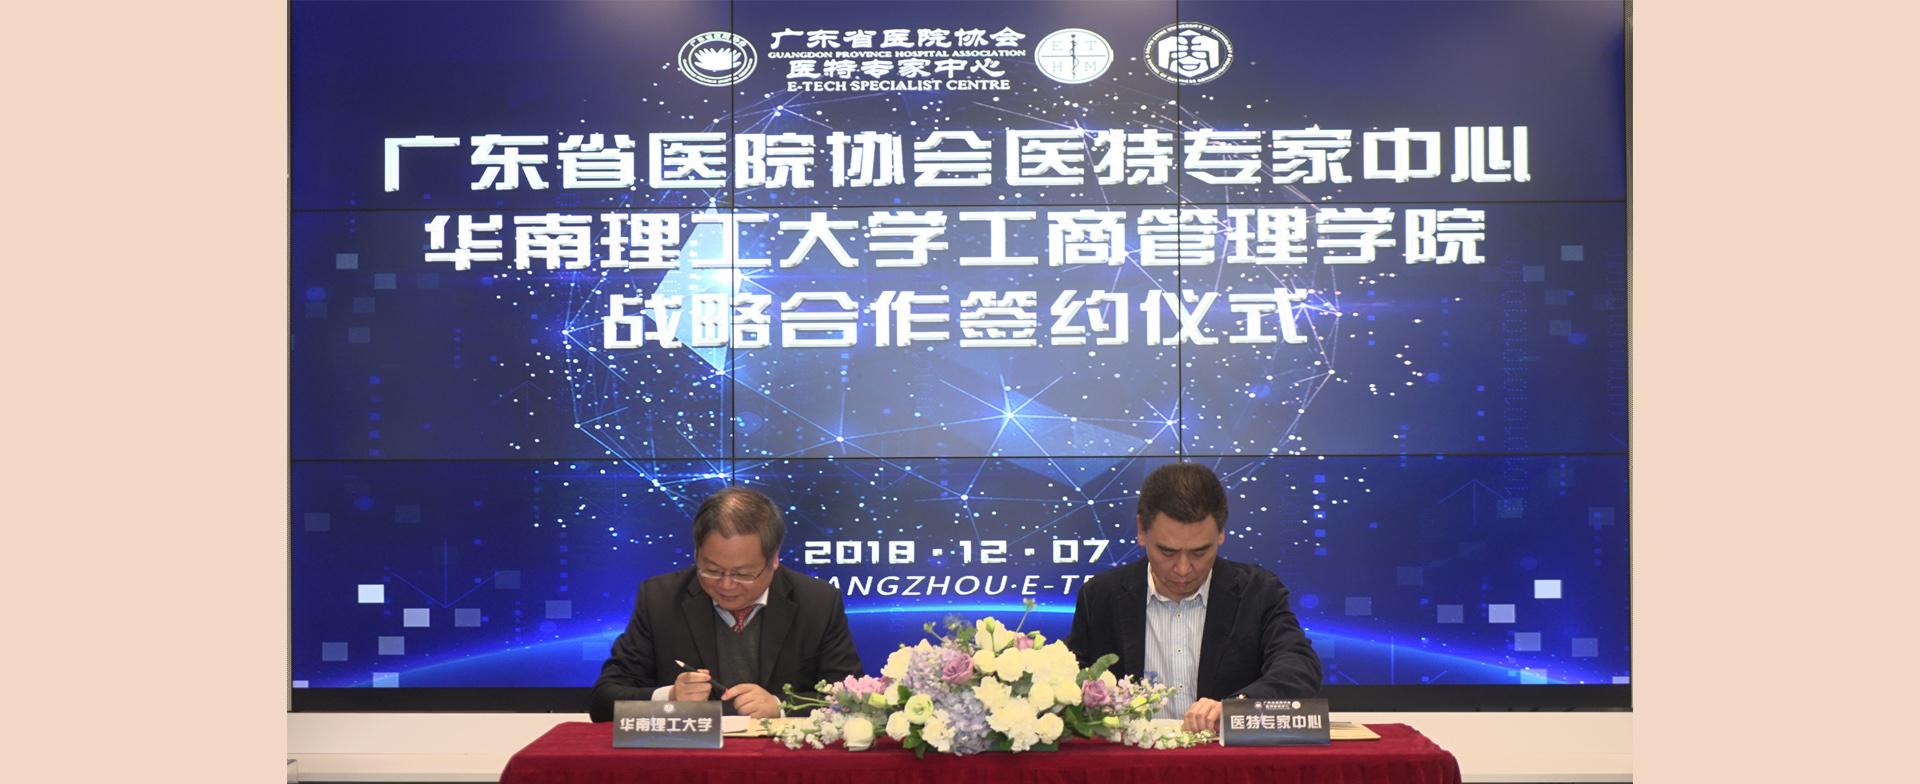 携手名院!医特专家中心与华南理工大学工商管理学院签署深化战略合作协议